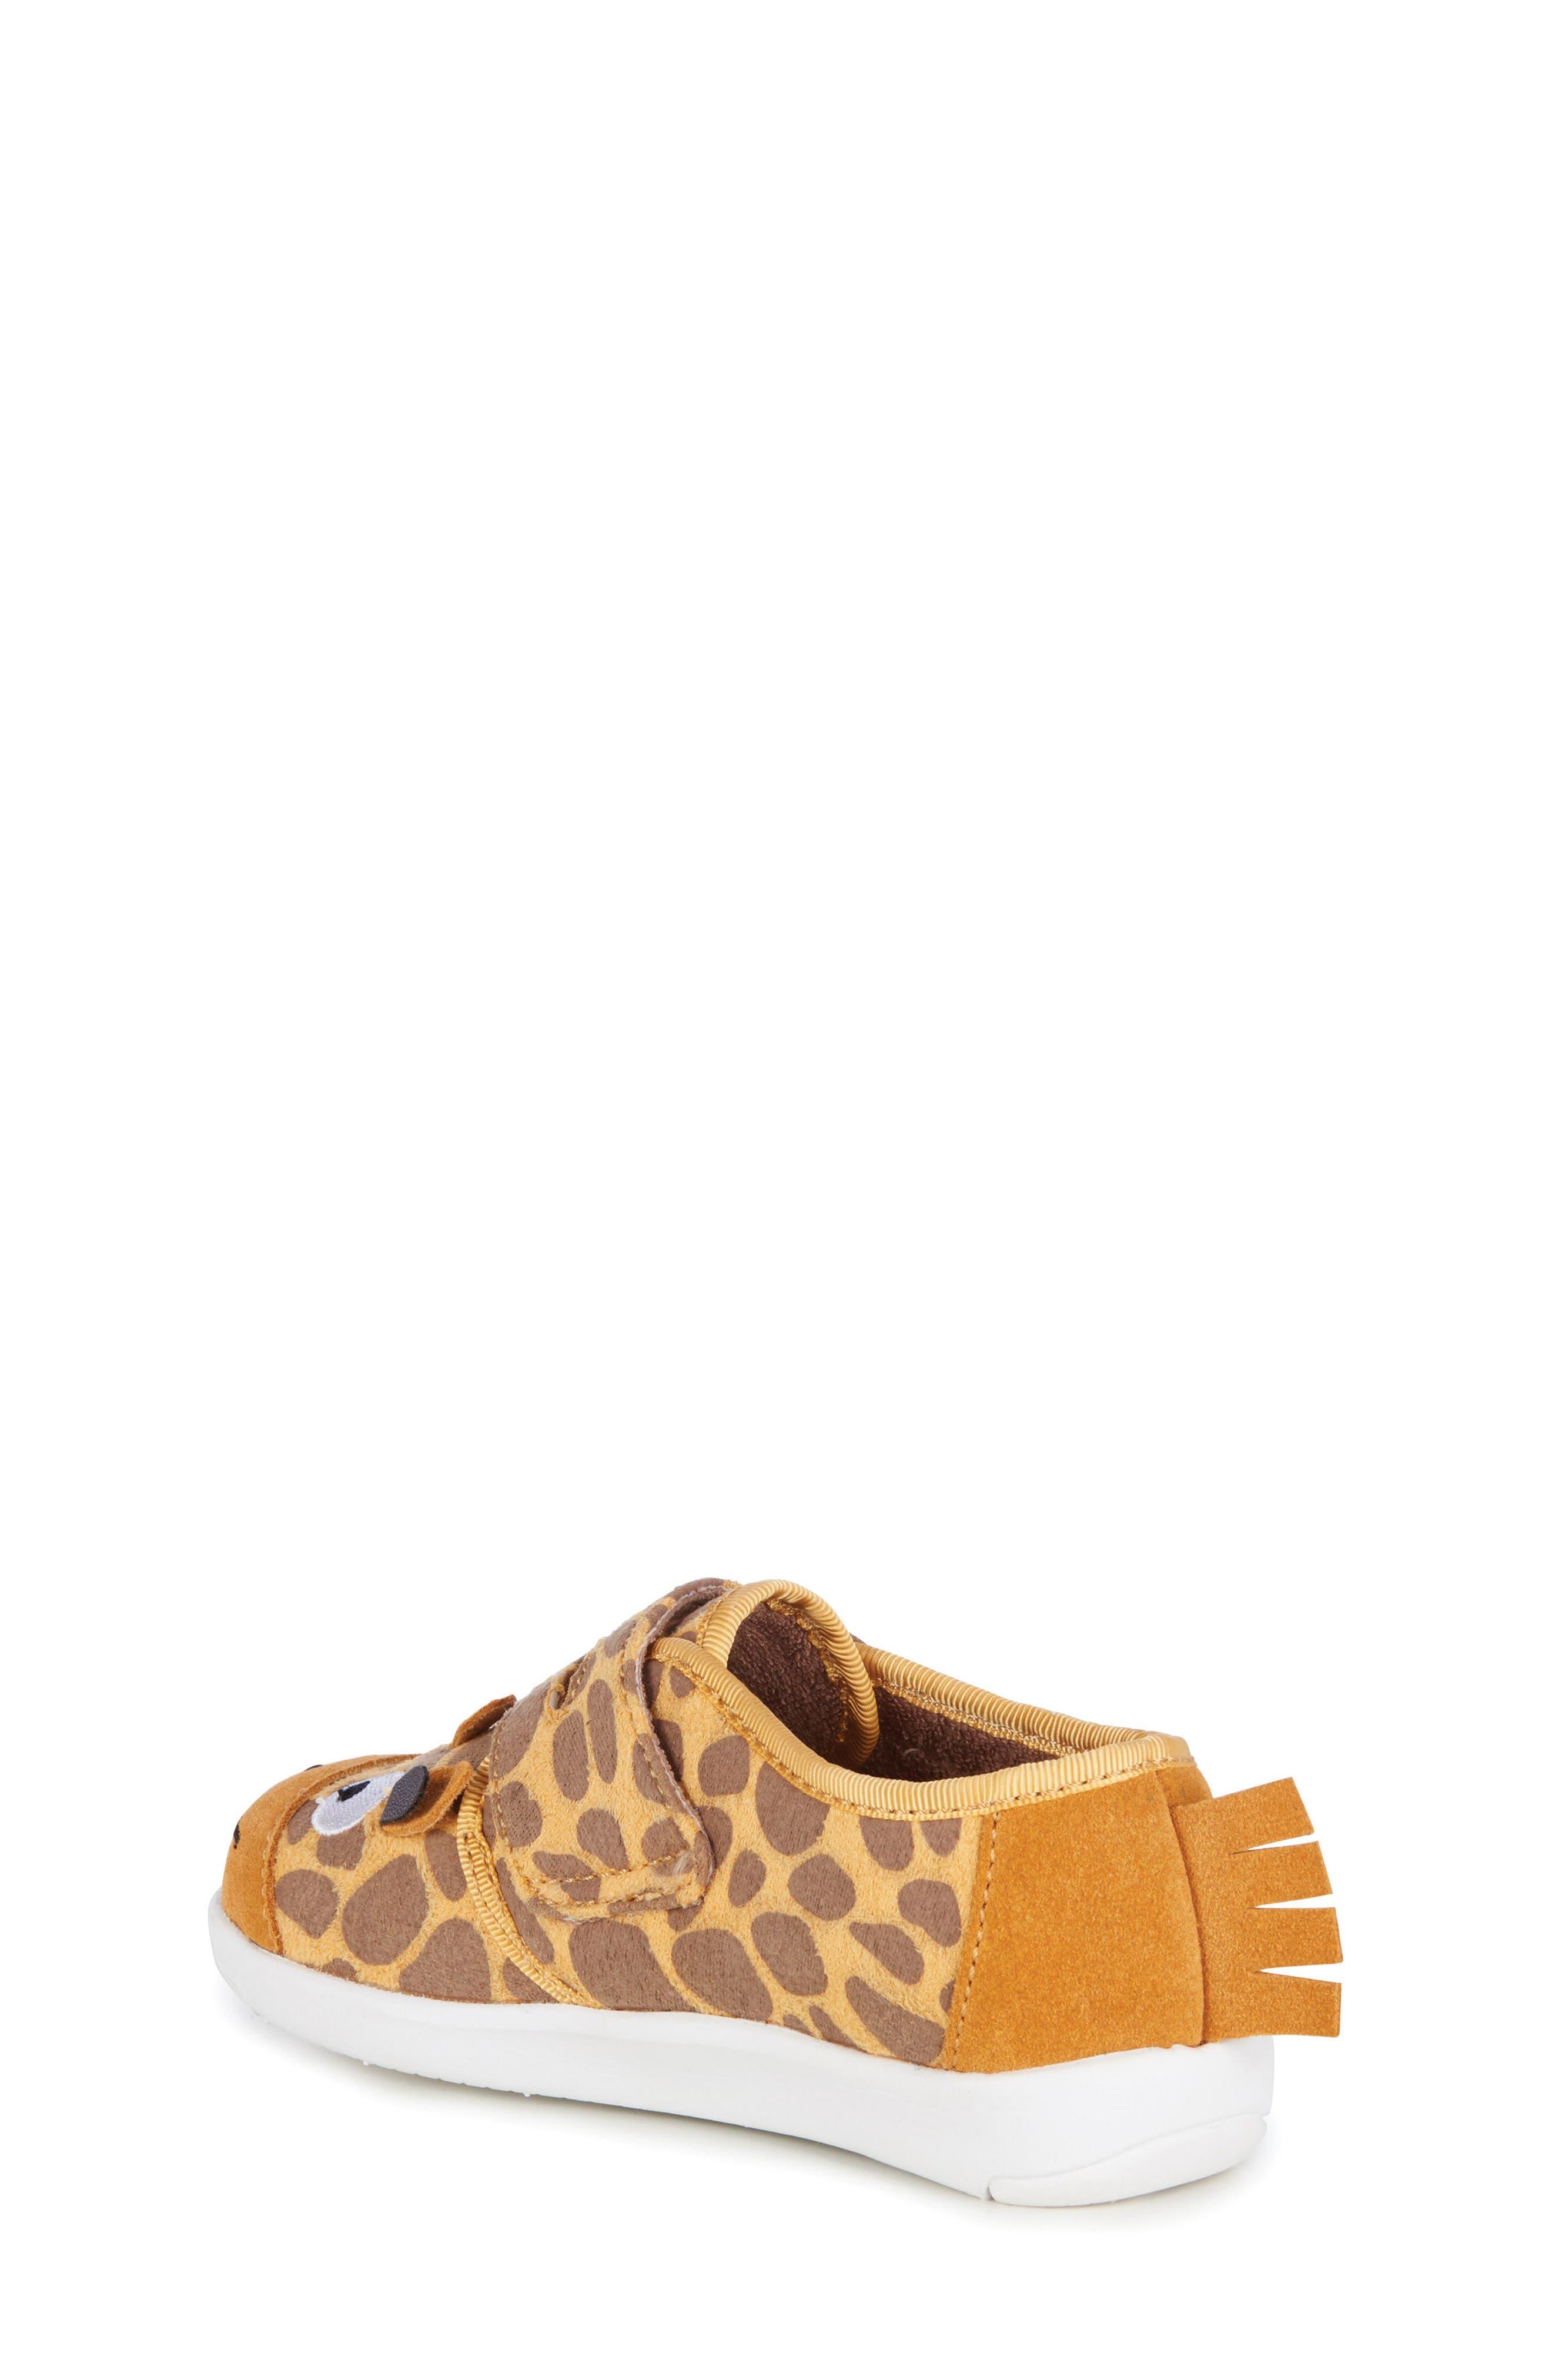 Giraffe Sneaker,                             Alternate thumbnail 2, color,                             700